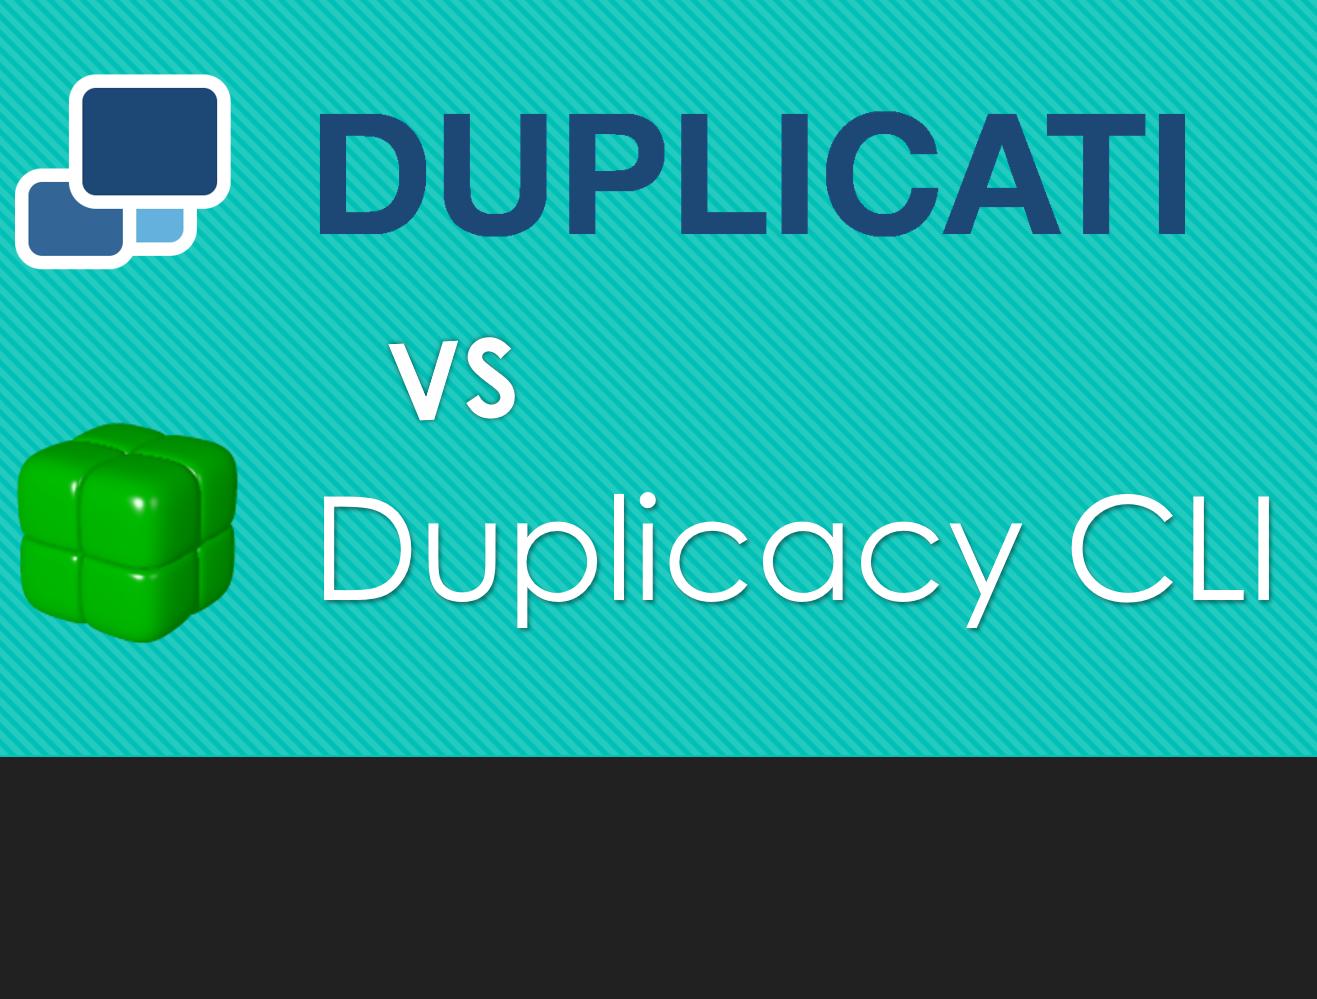 duplicacy